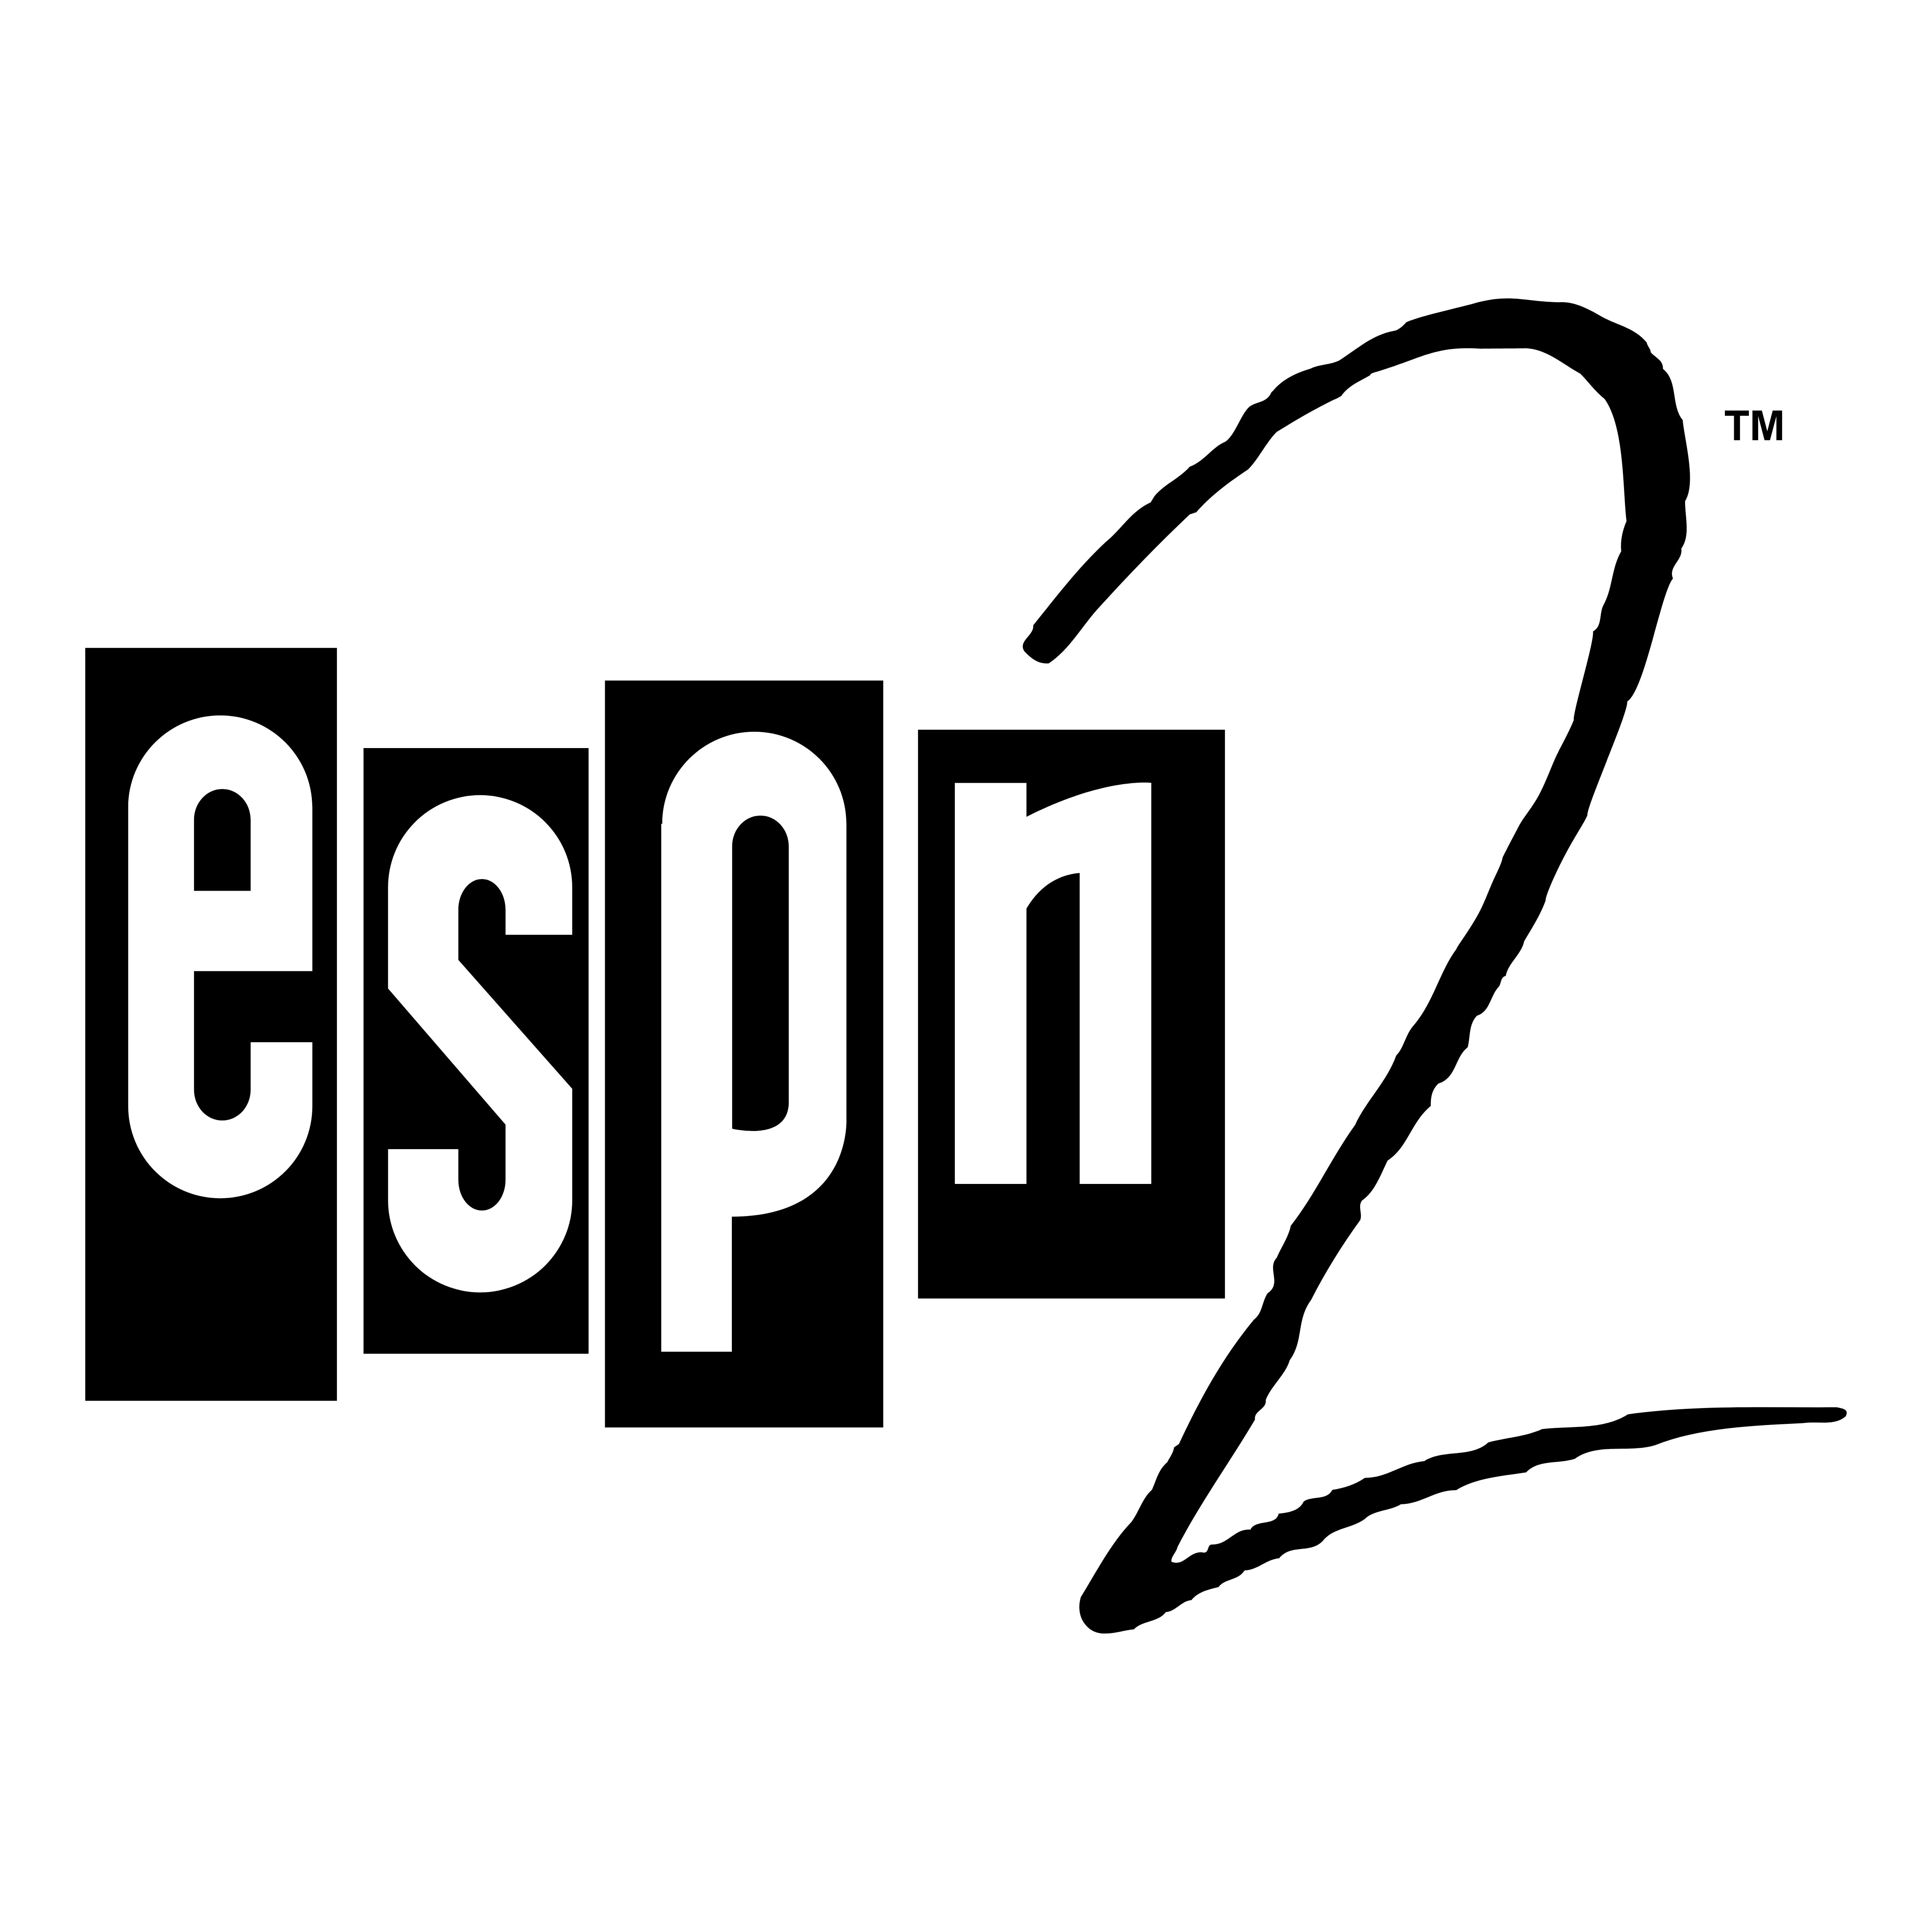 ESNP.